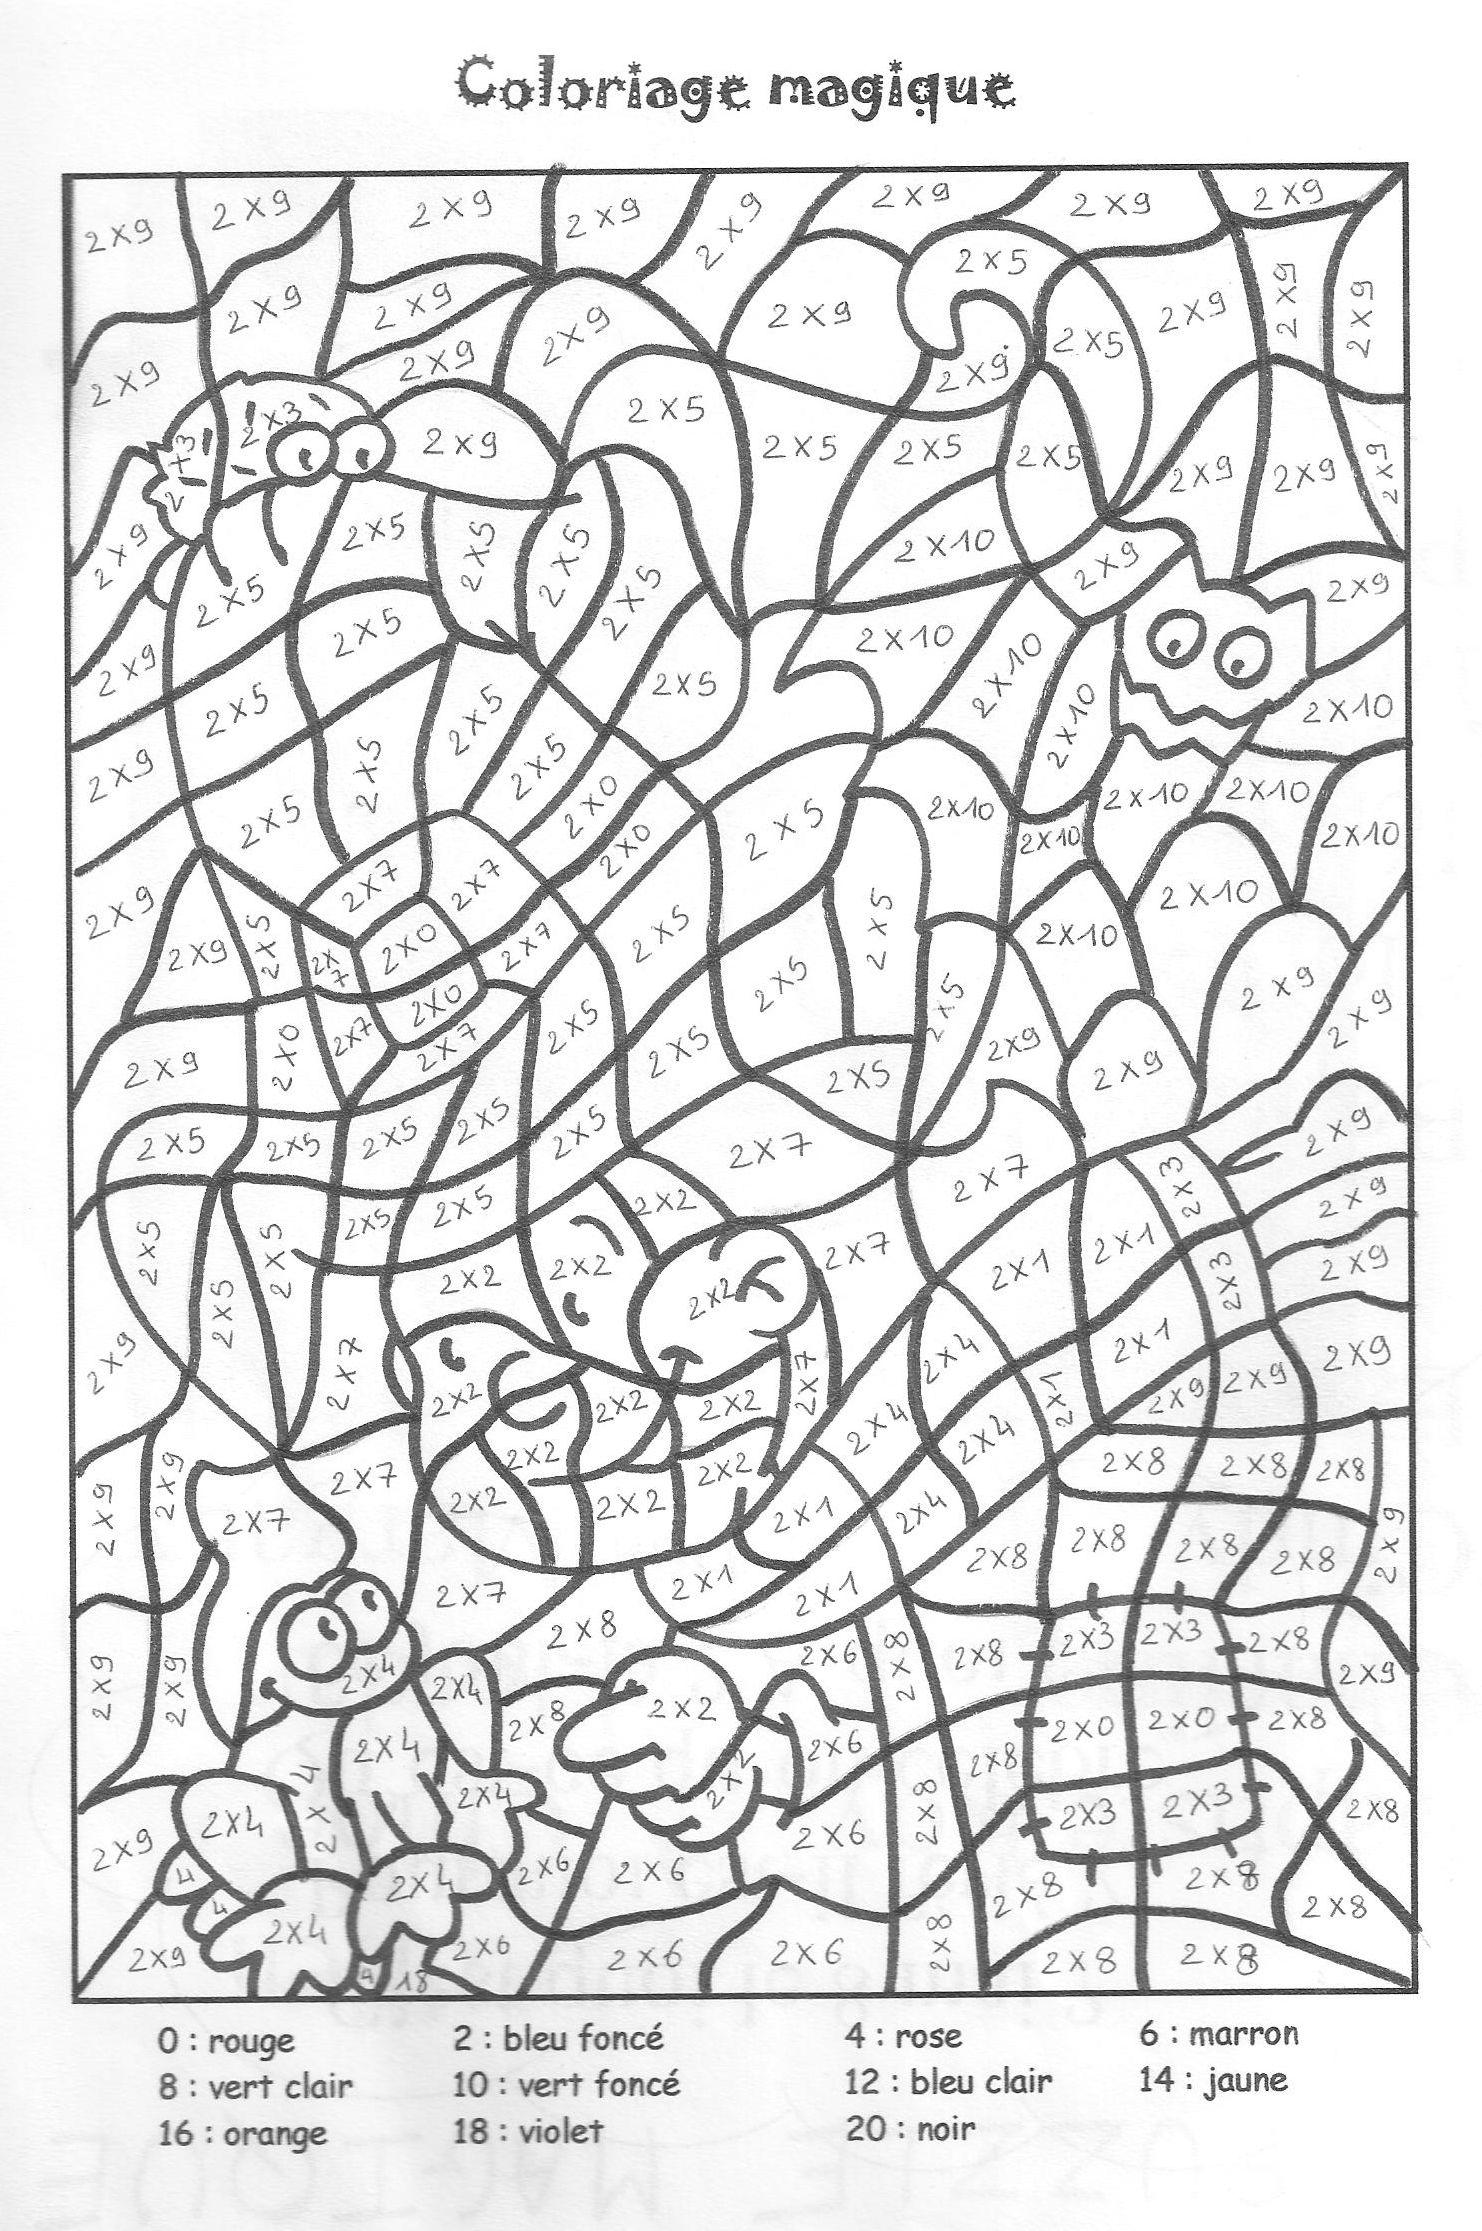 Coloriage Magique Table De Multiplication 2 3 4 5